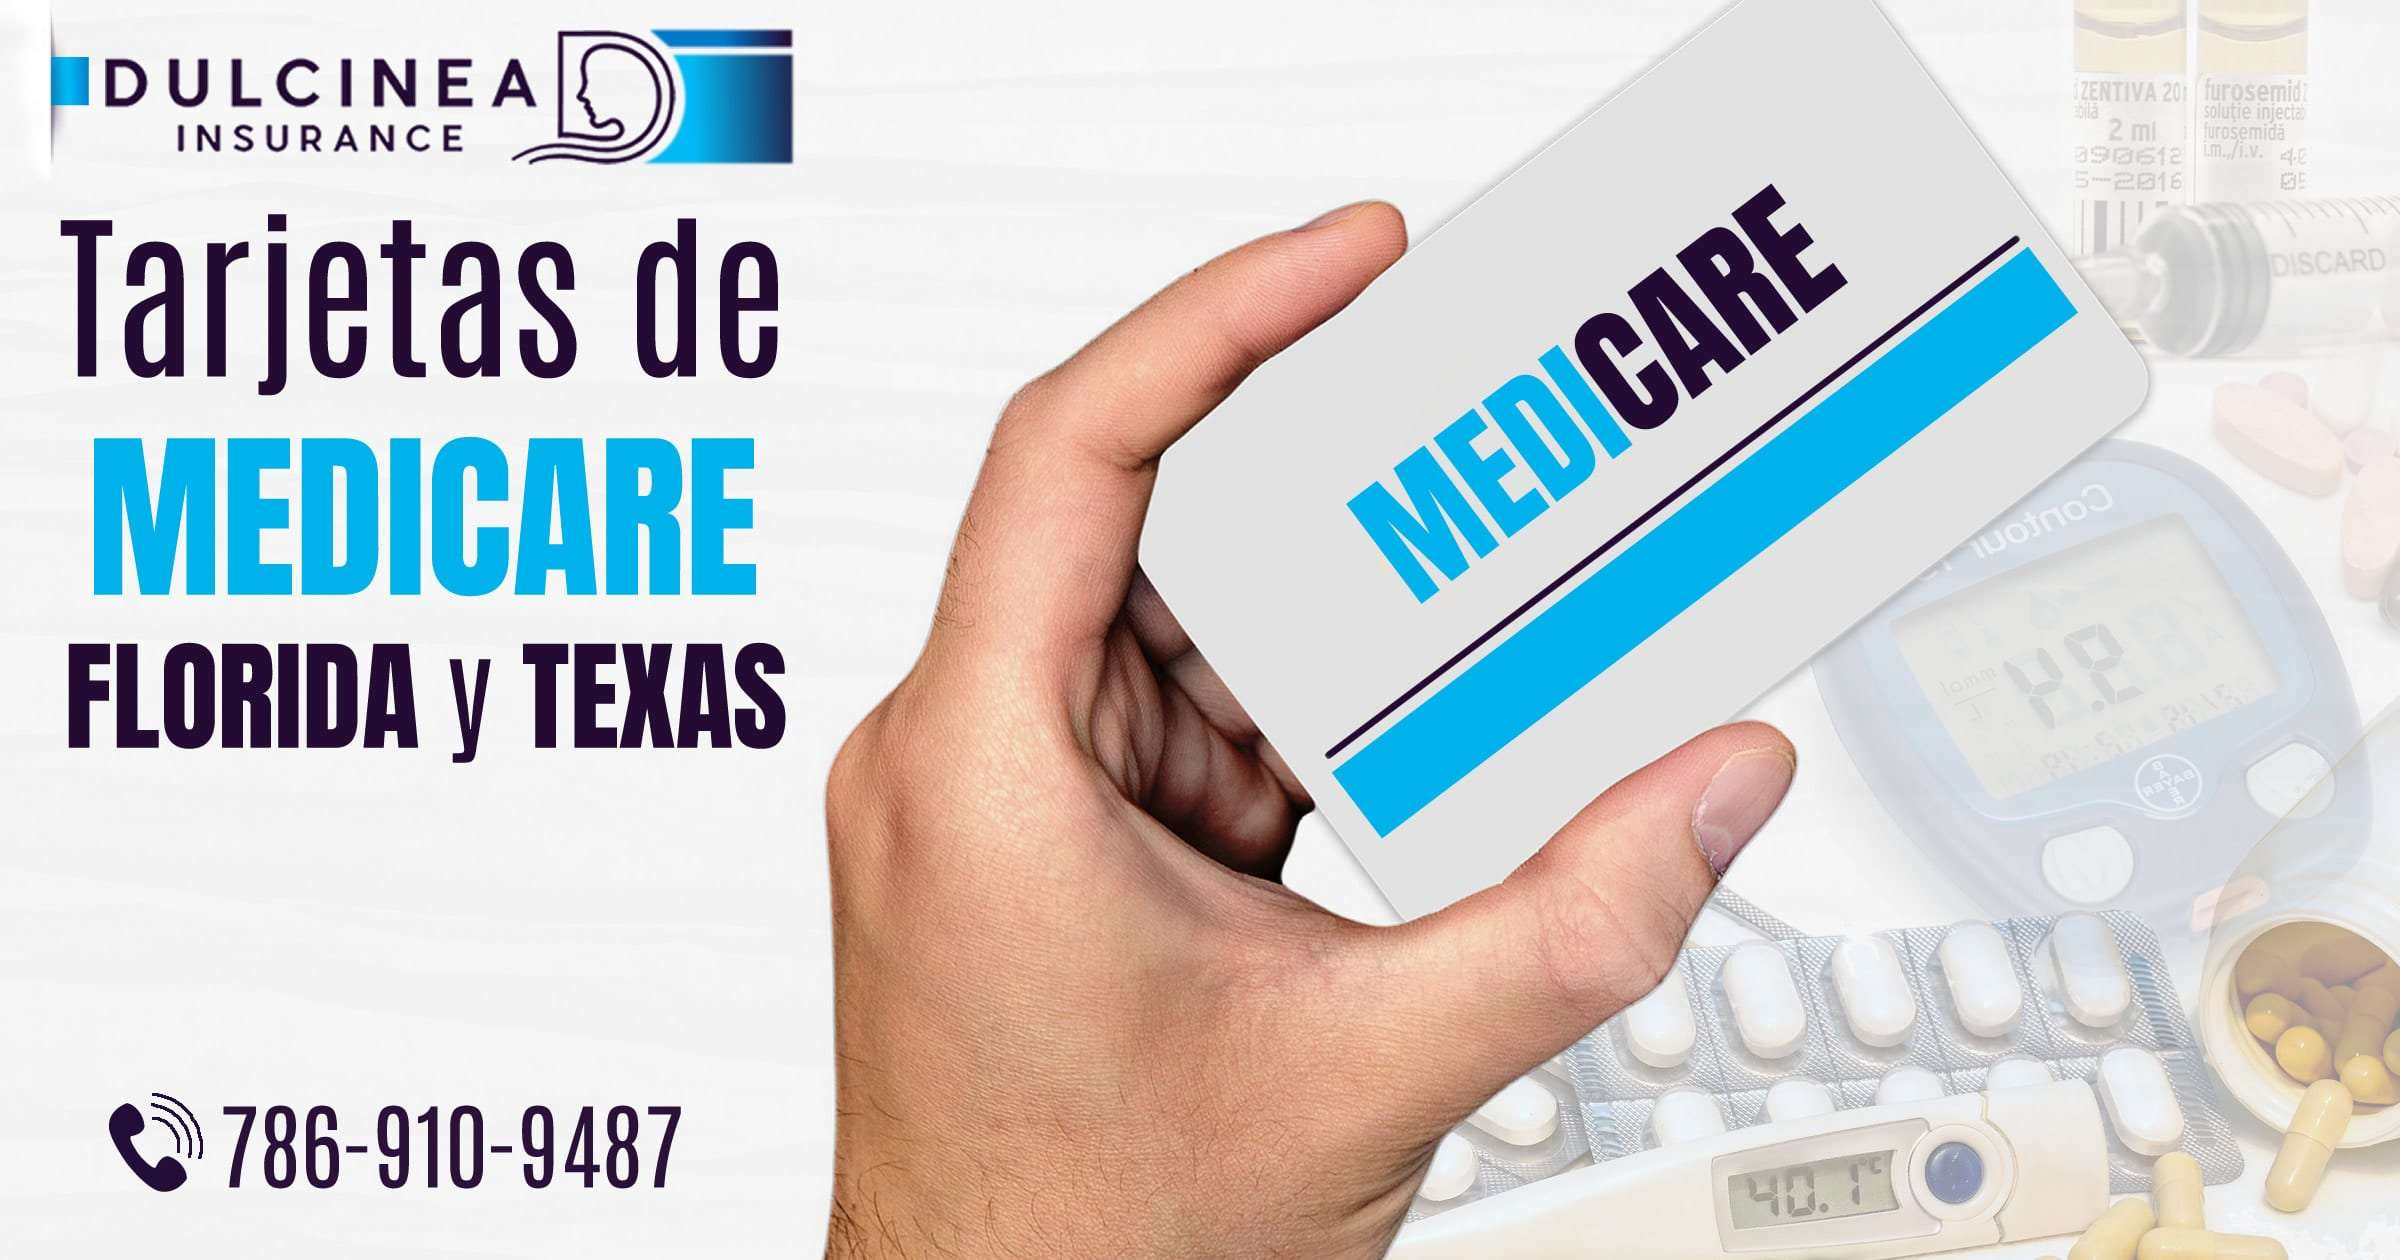 cómo reemplazar o renovar tarjetas de medicare